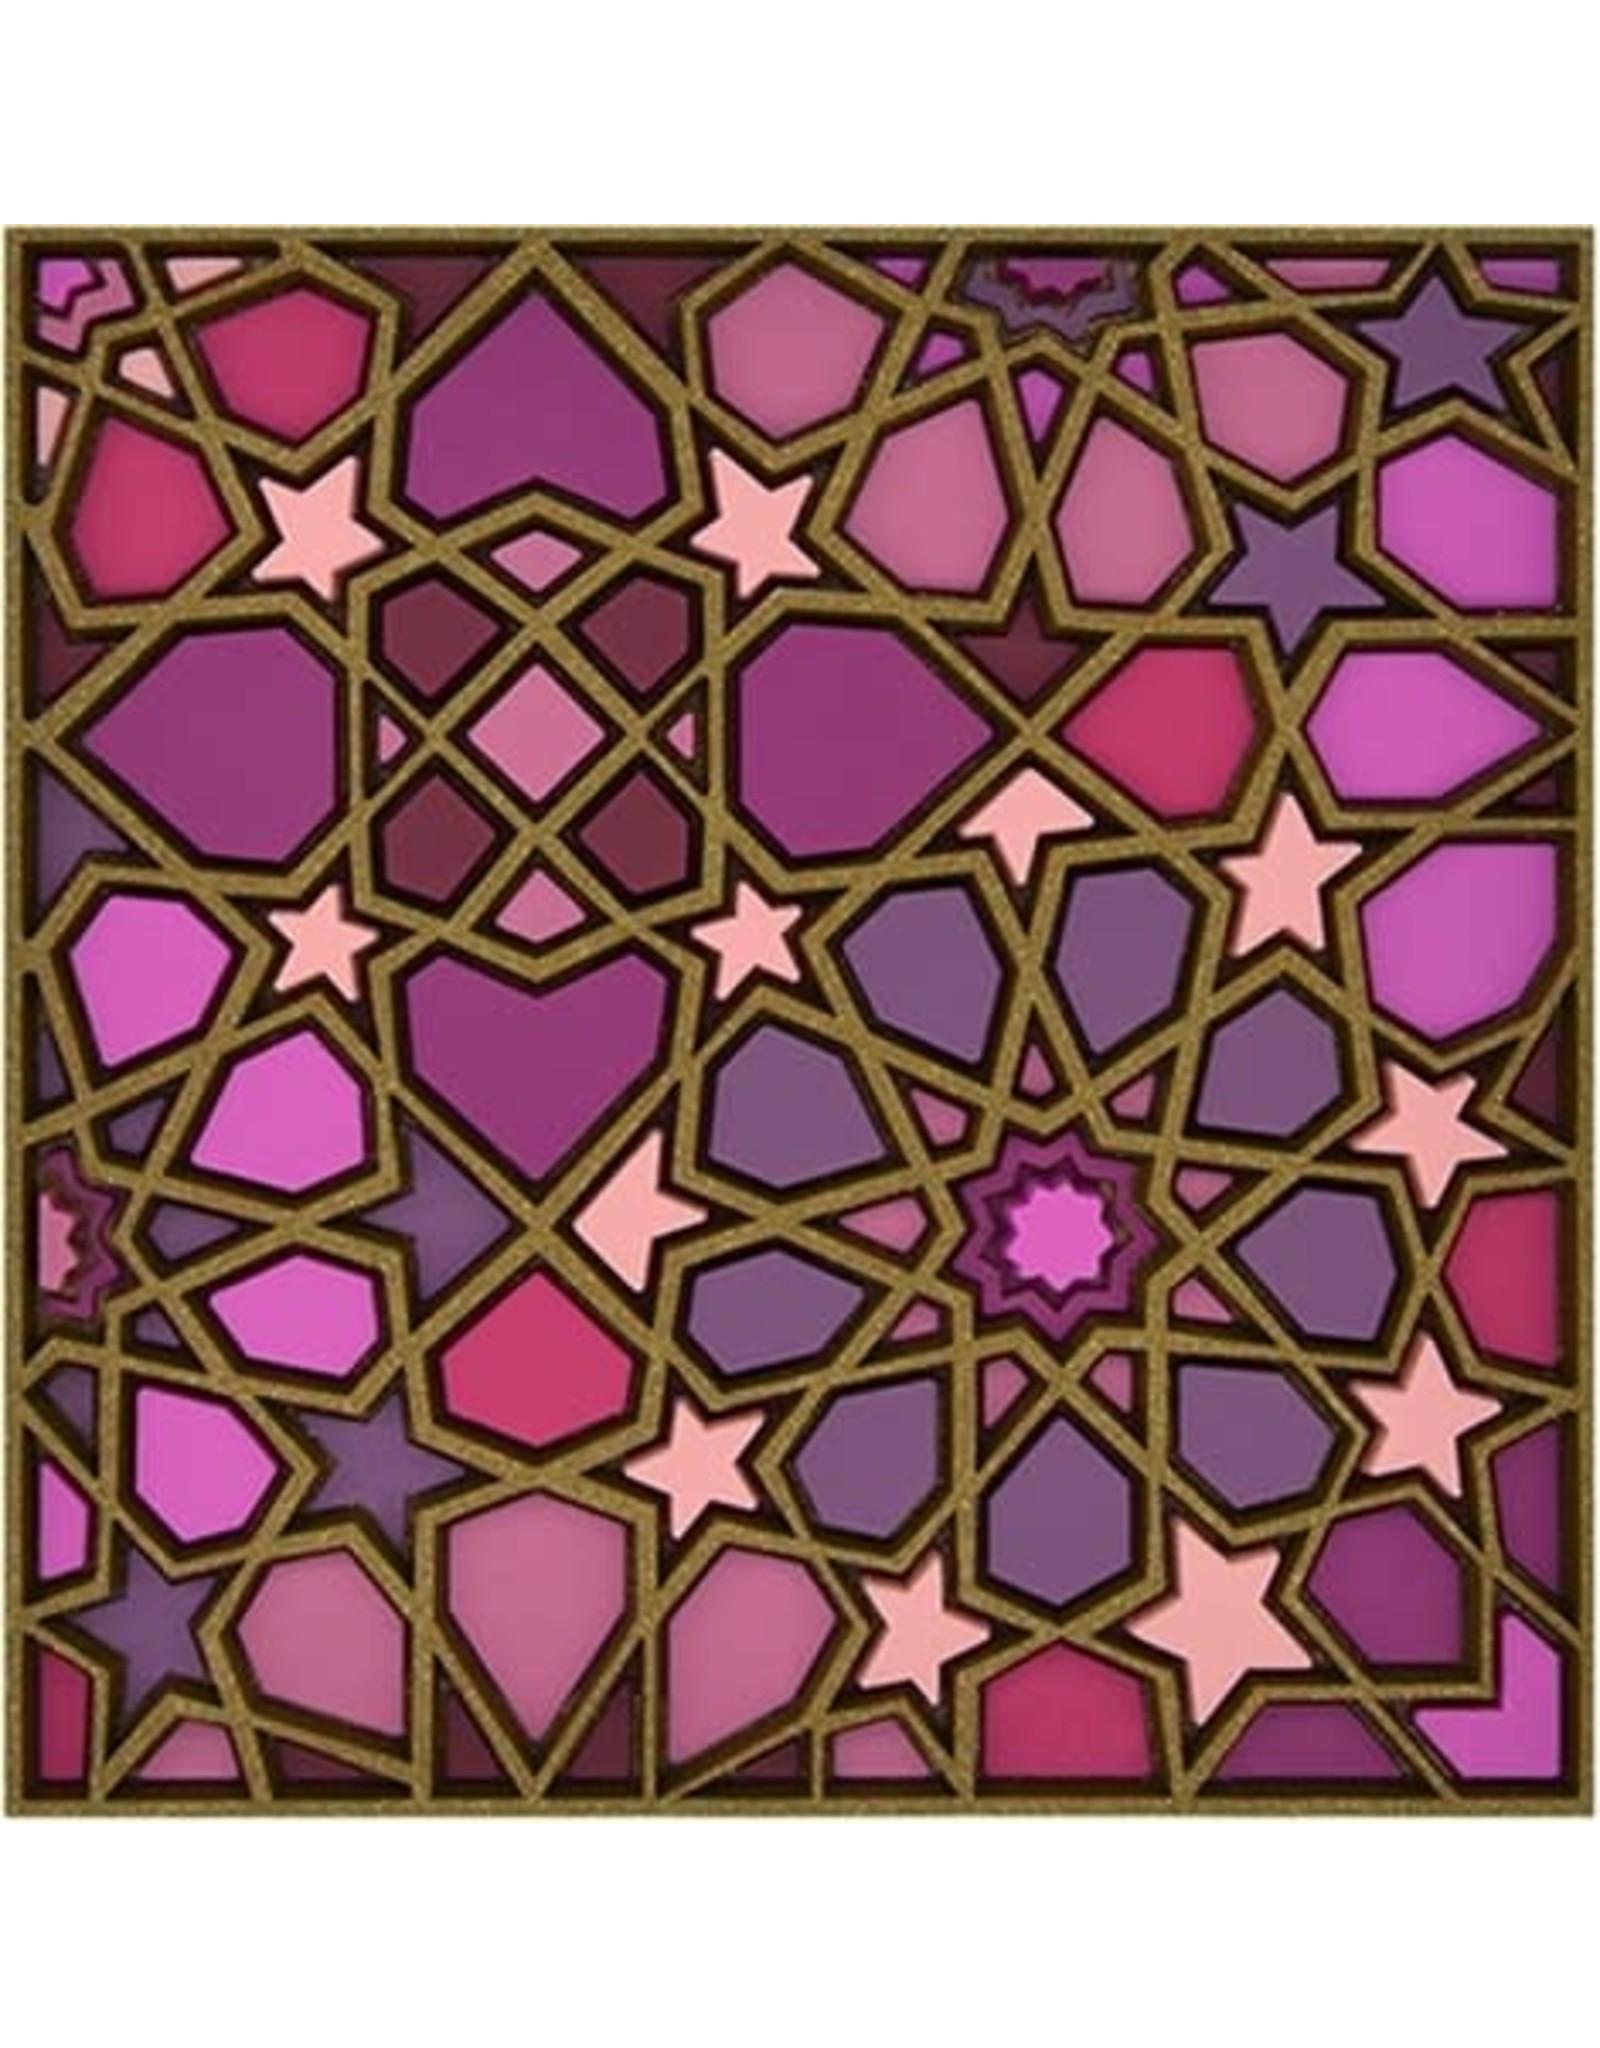 Image 'd Orient Pannenonderzetter  Moucharabieh Parme